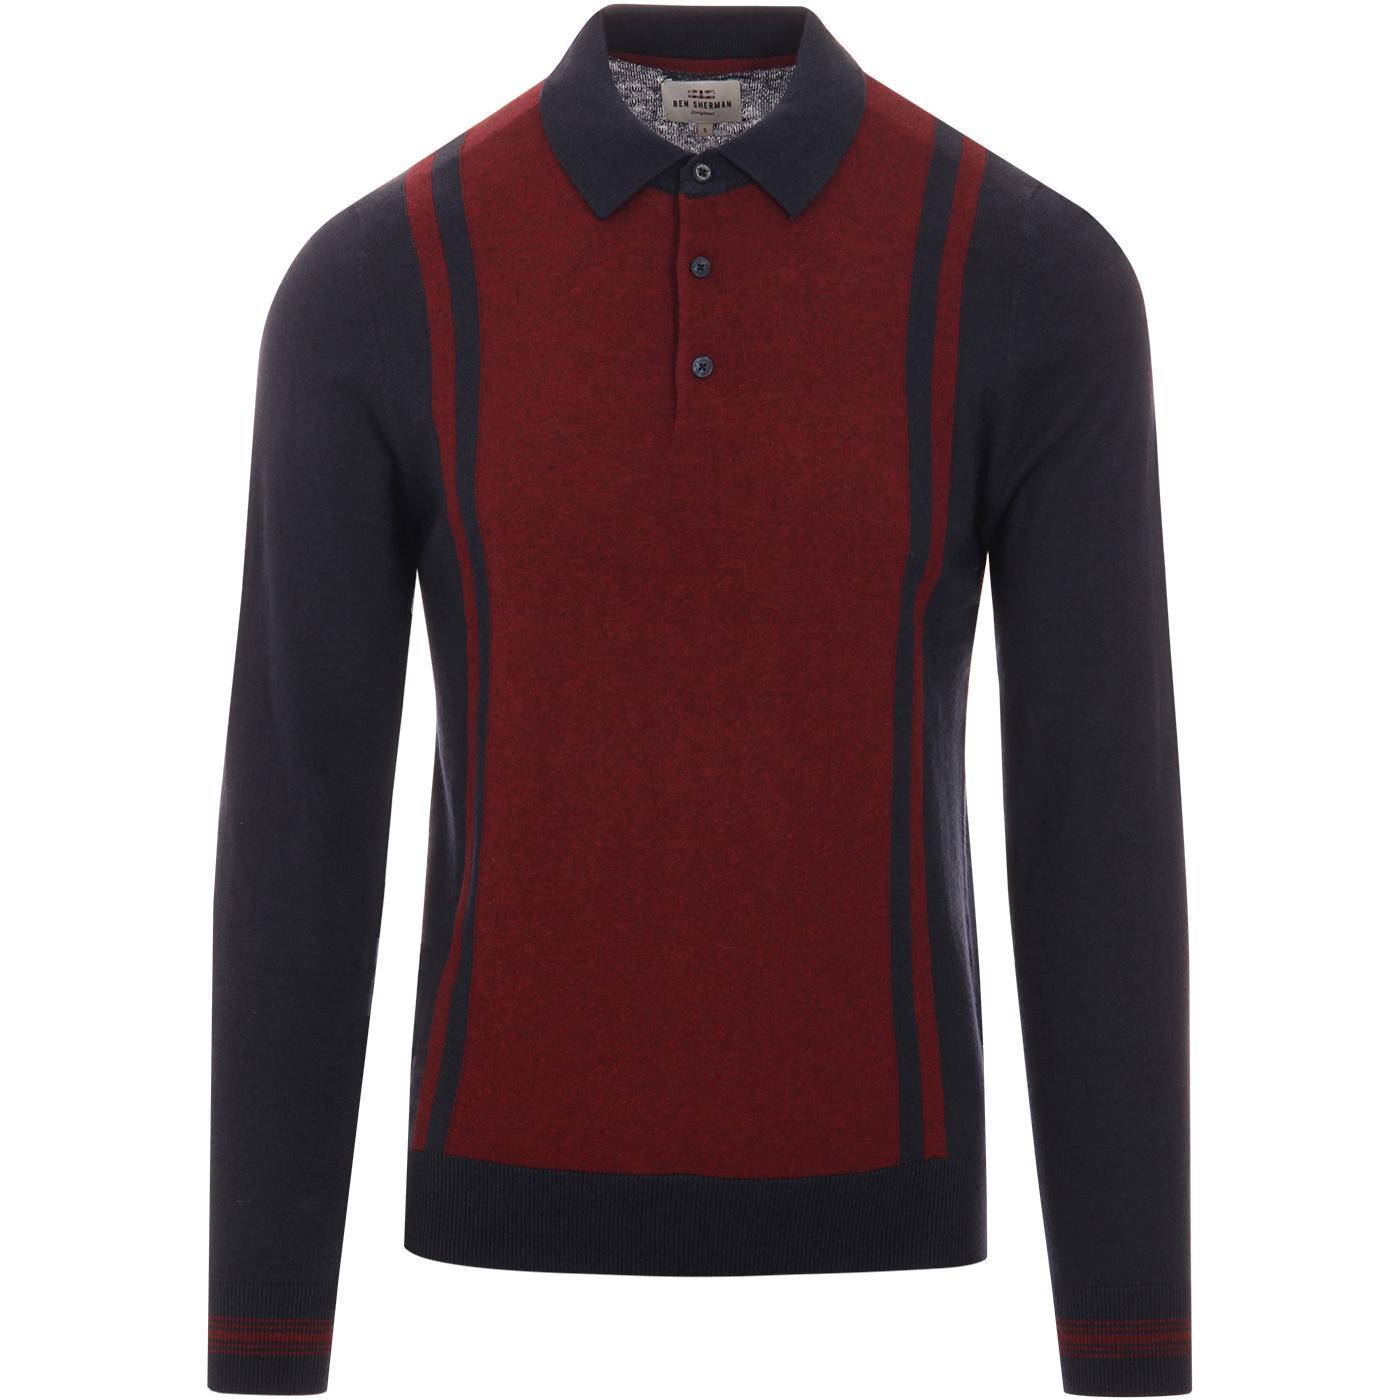 BEN SHERMAN Mod Colour Block Stripe Knit Polo Top